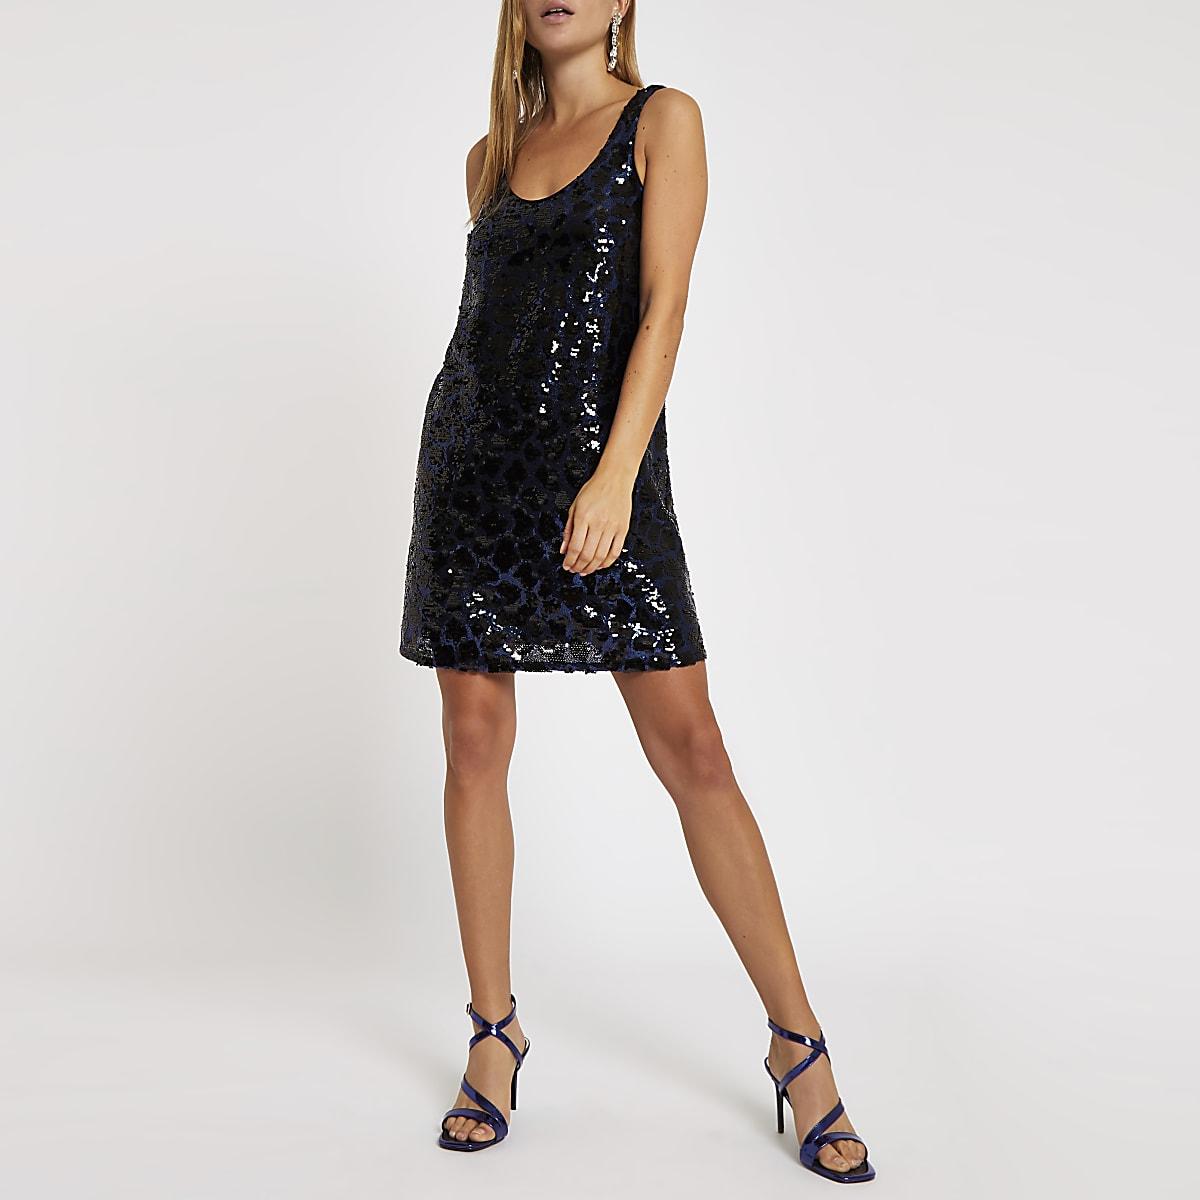 Blauwe verfraaide jurk met pailletten